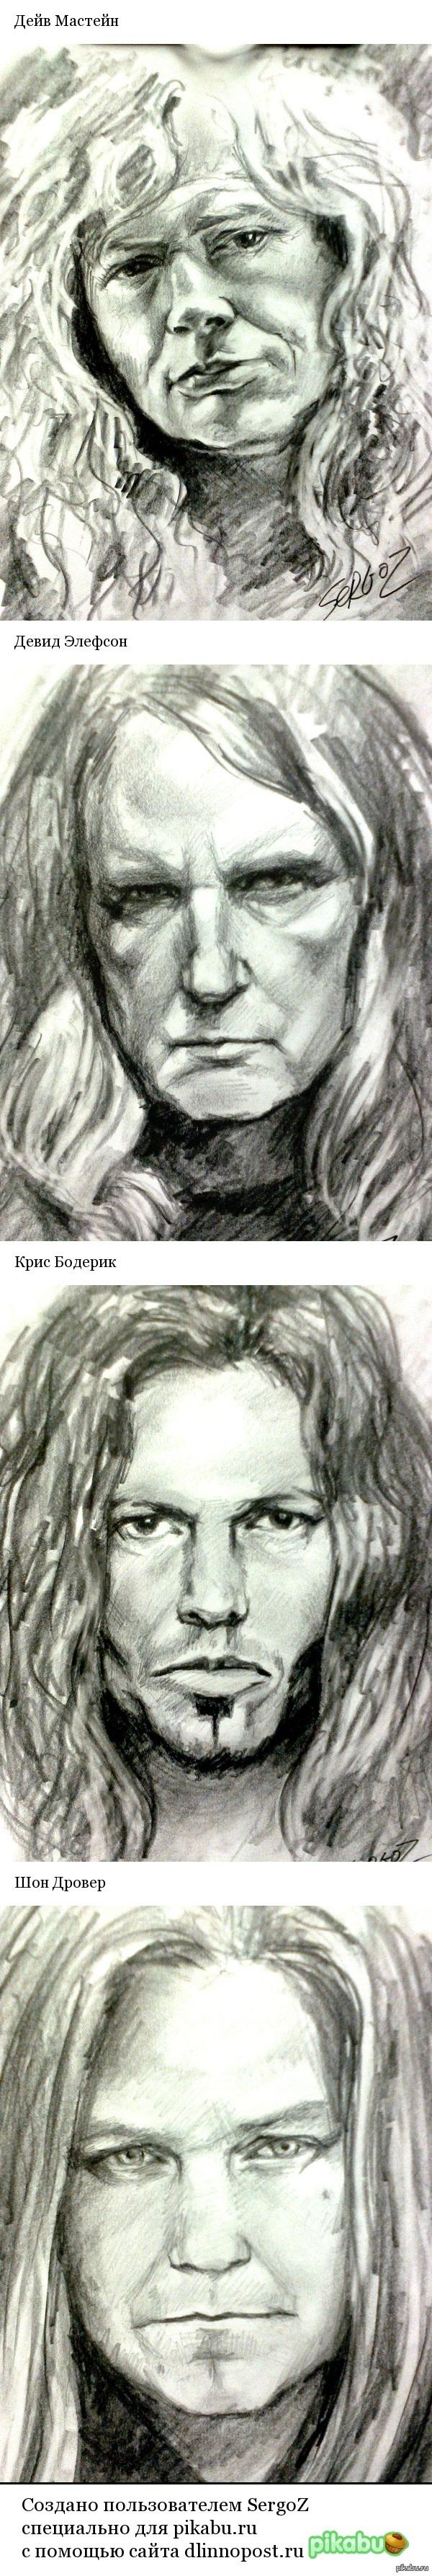 Megadeth Портреты